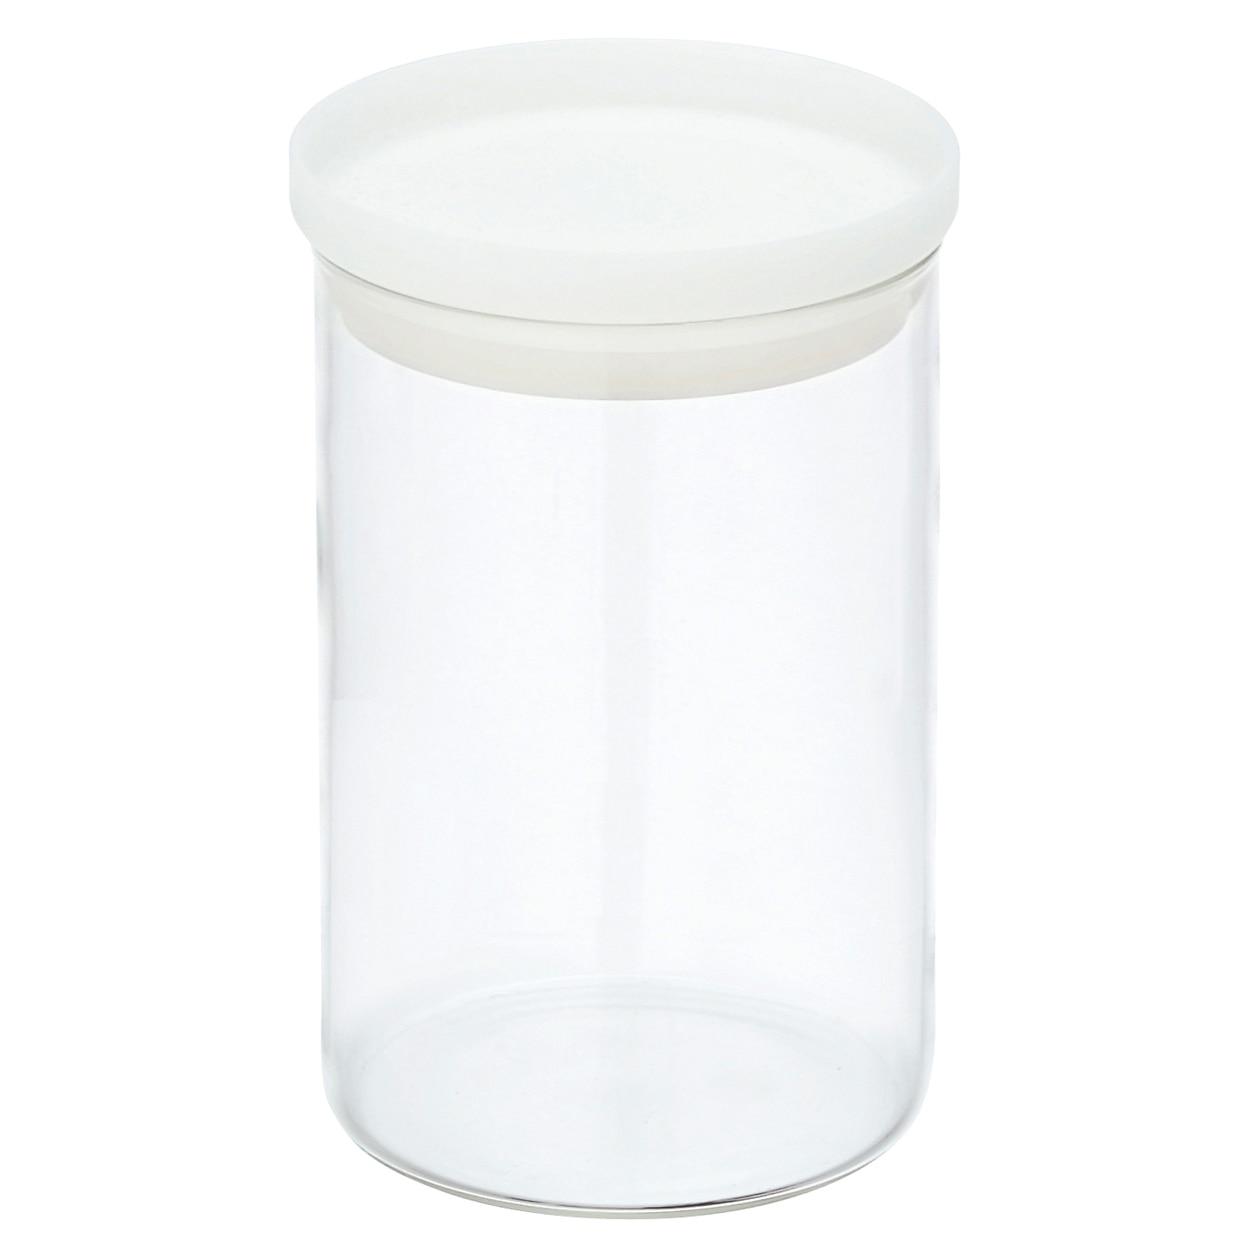 耐熱ガラス丸型保存容器 4